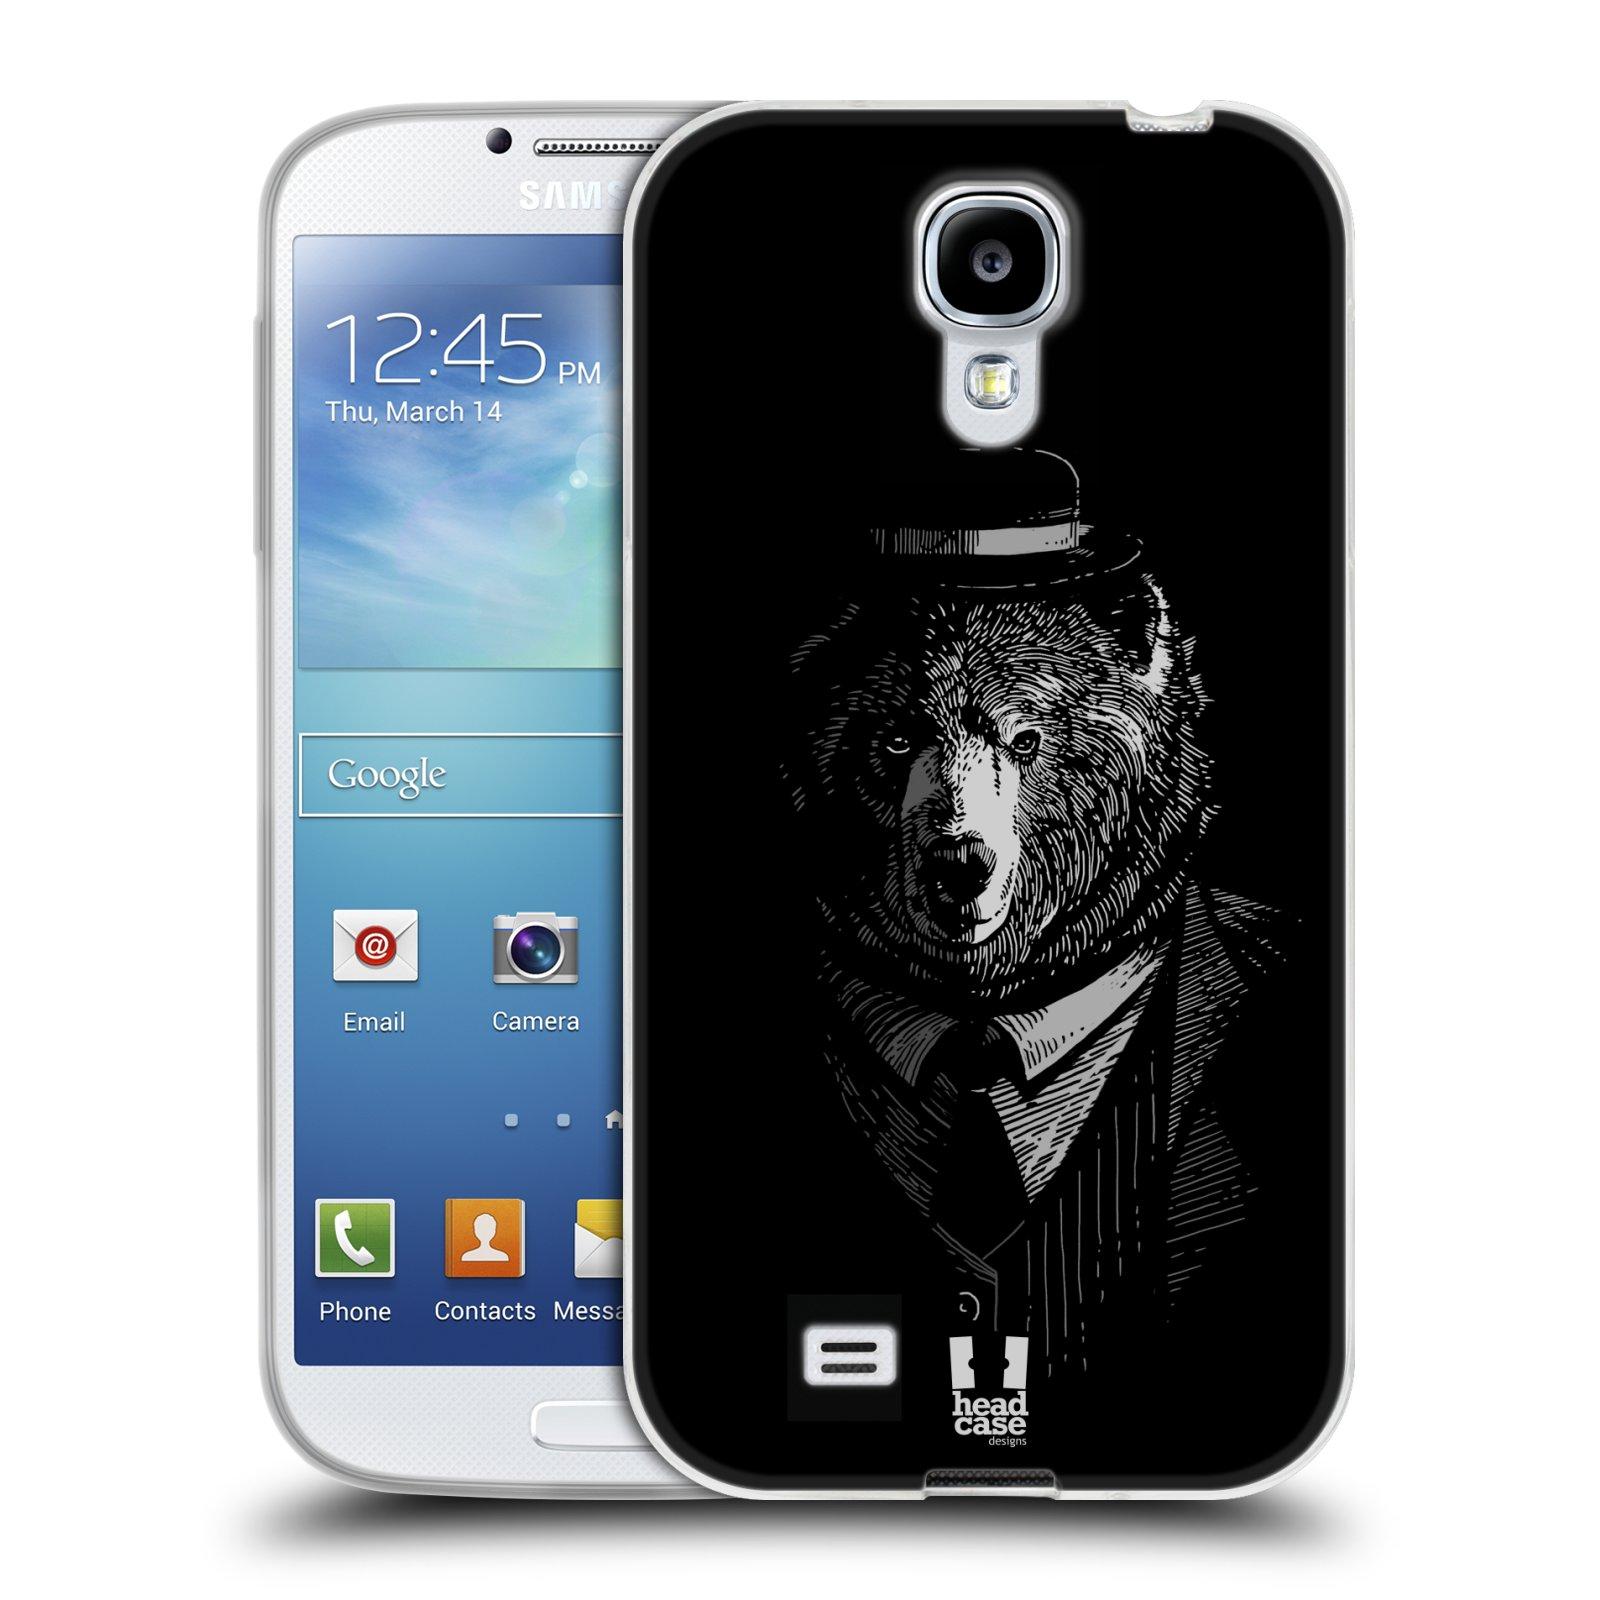 Silikonové pouzdro na mobil Samsung Galaxy S4 HEAD CASE MEDVĚD V KVÁDRU (Silikonový kryt či obal na mobilní telefon Samsung Galaxy S4 GT-i9505 / i9500)